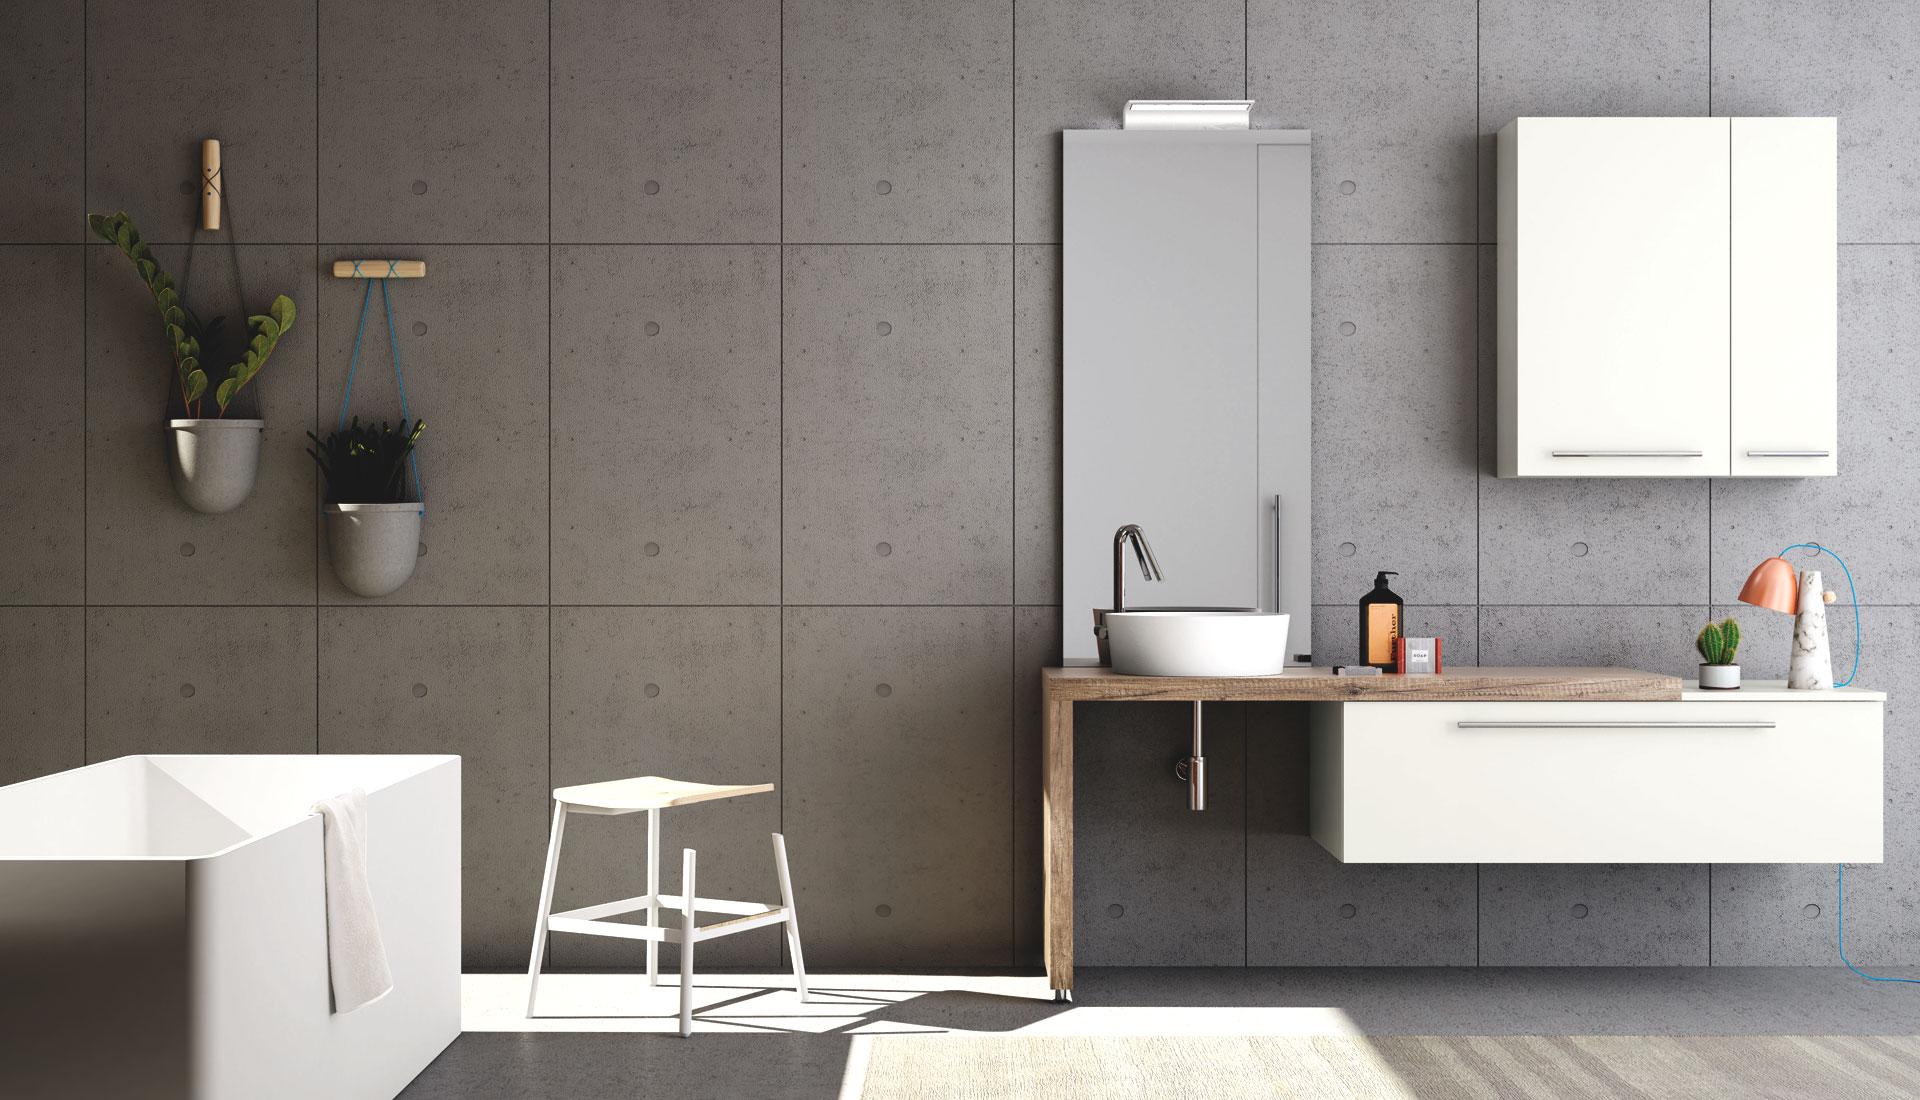 Stunning Arredo Bagno Ascoli Piceno Gallery - New Home Design 2018 ...